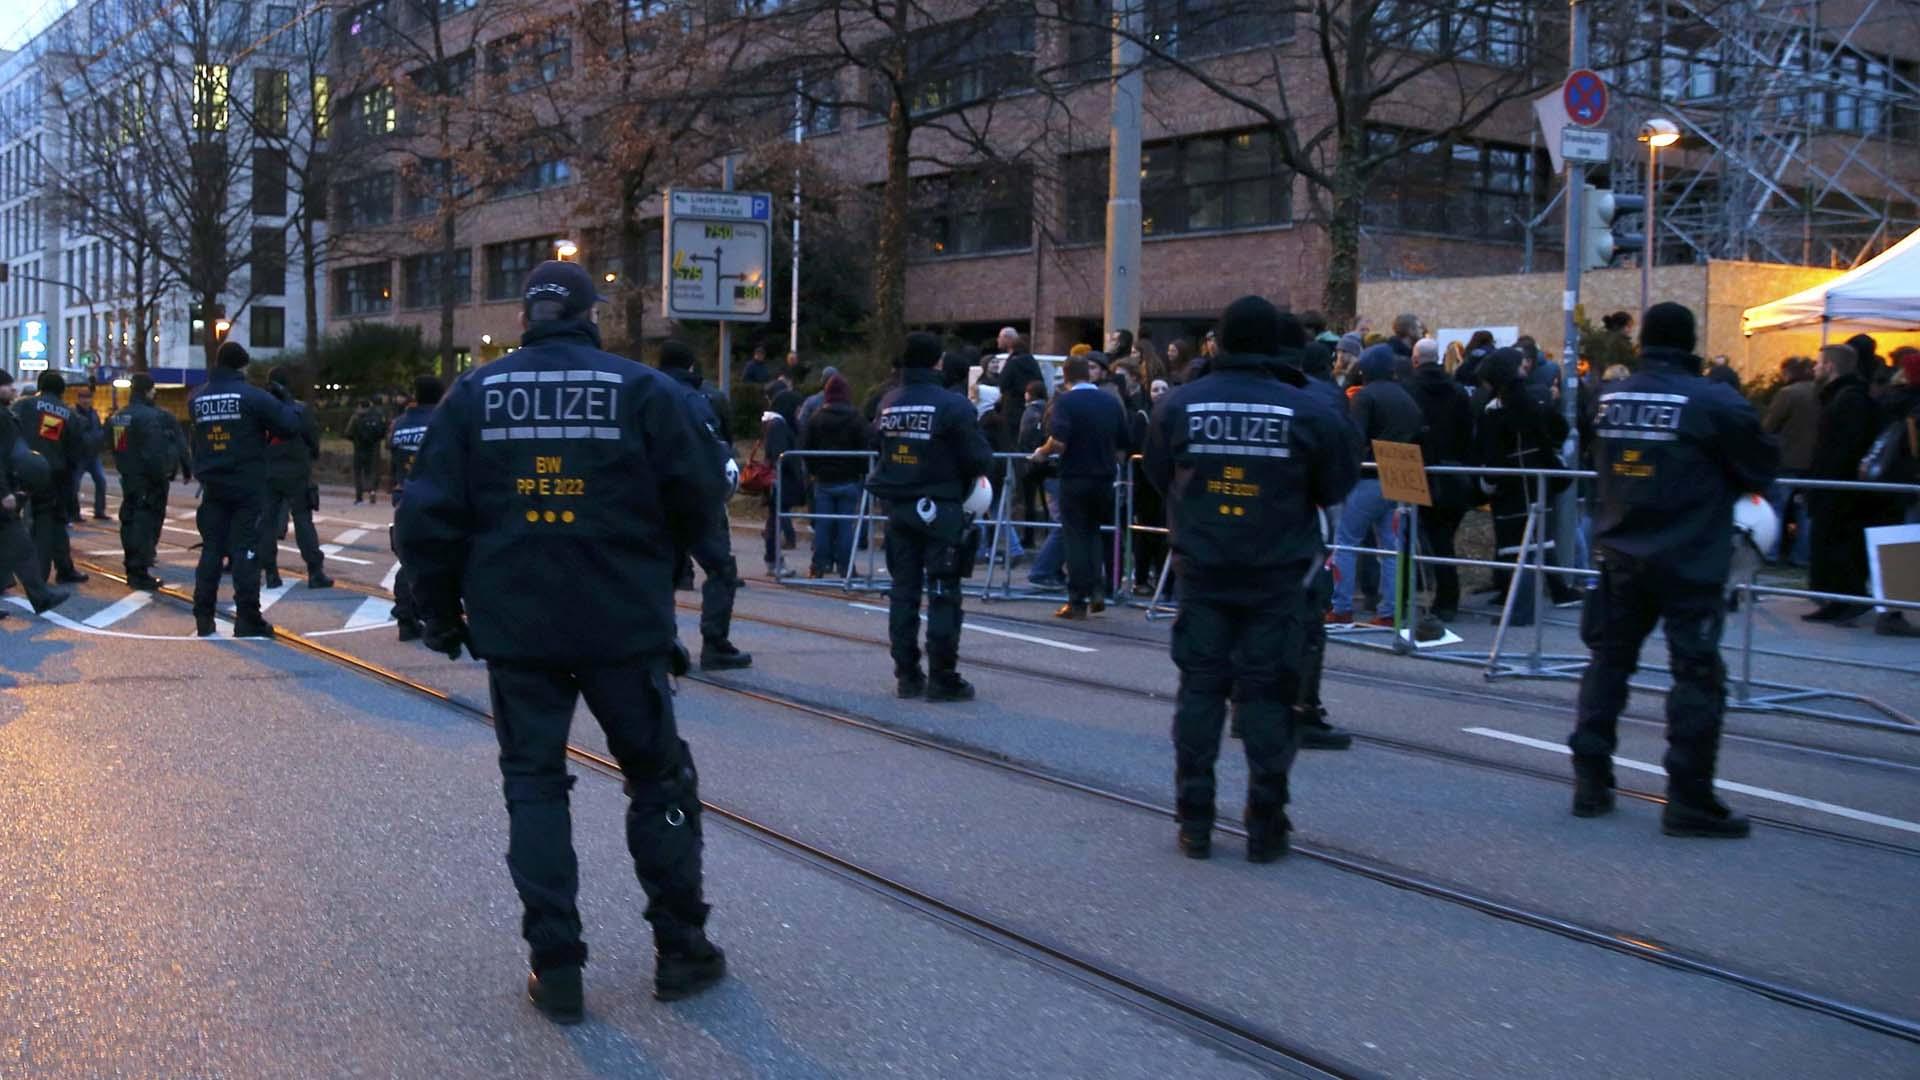 Autoridades realizaron múltiples redadas en las que capturaron a extremista que habian atentado contra el país